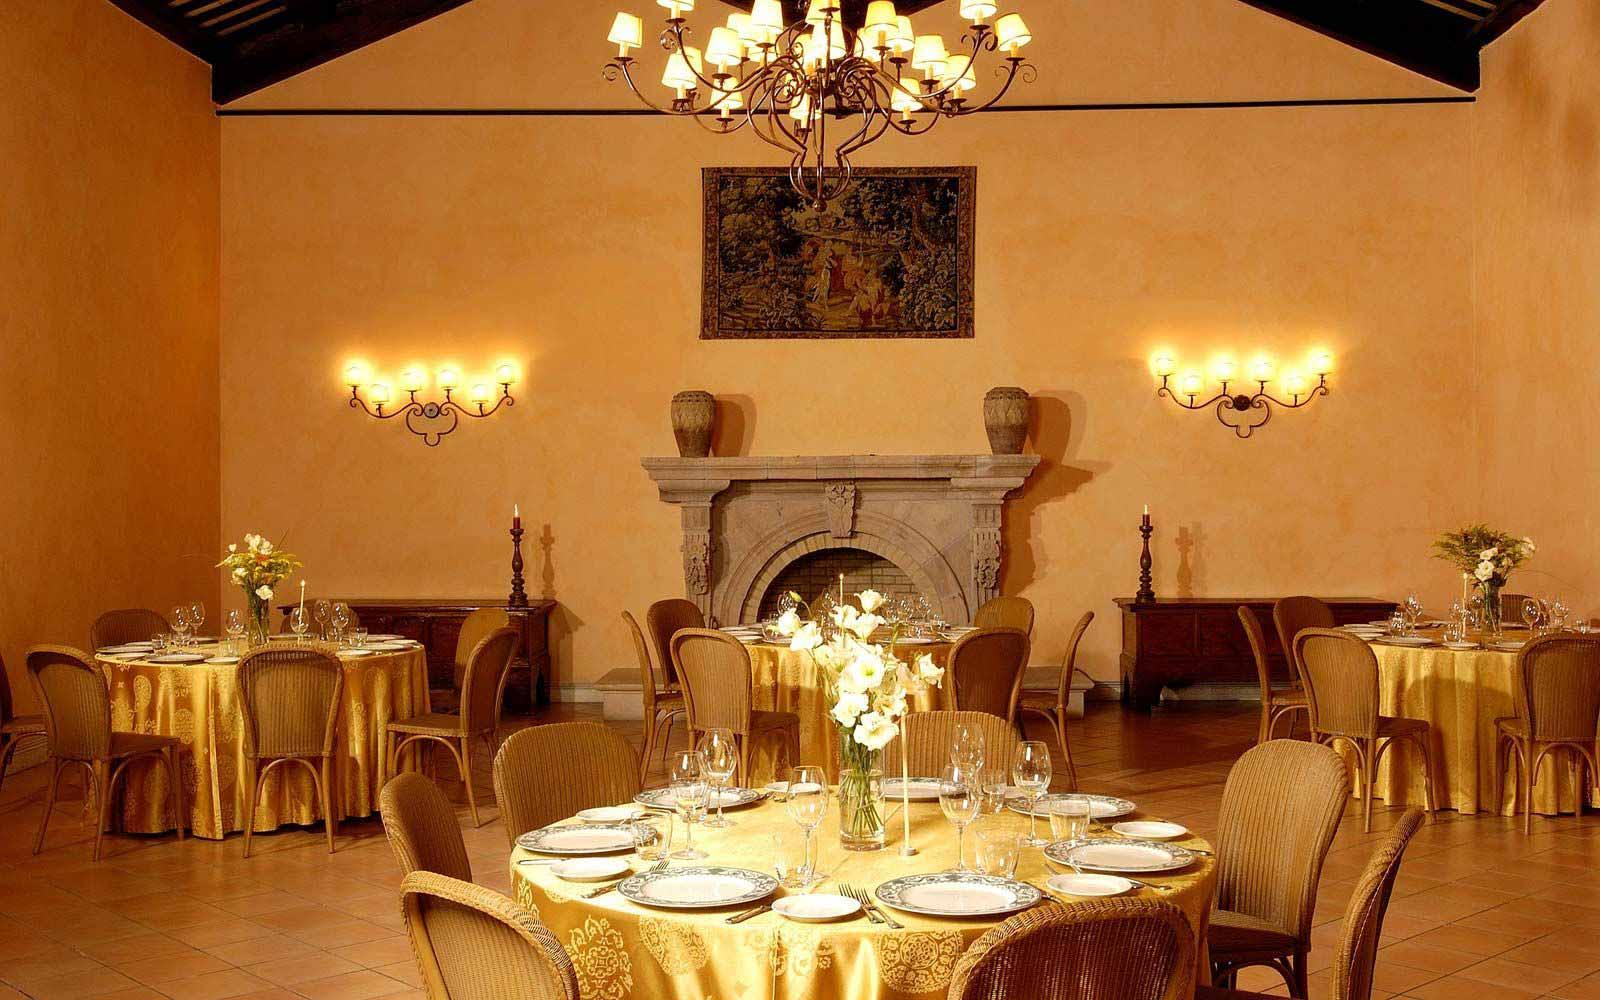 Hotel Giardino di Costanza: room / property / locale photo. Image 13